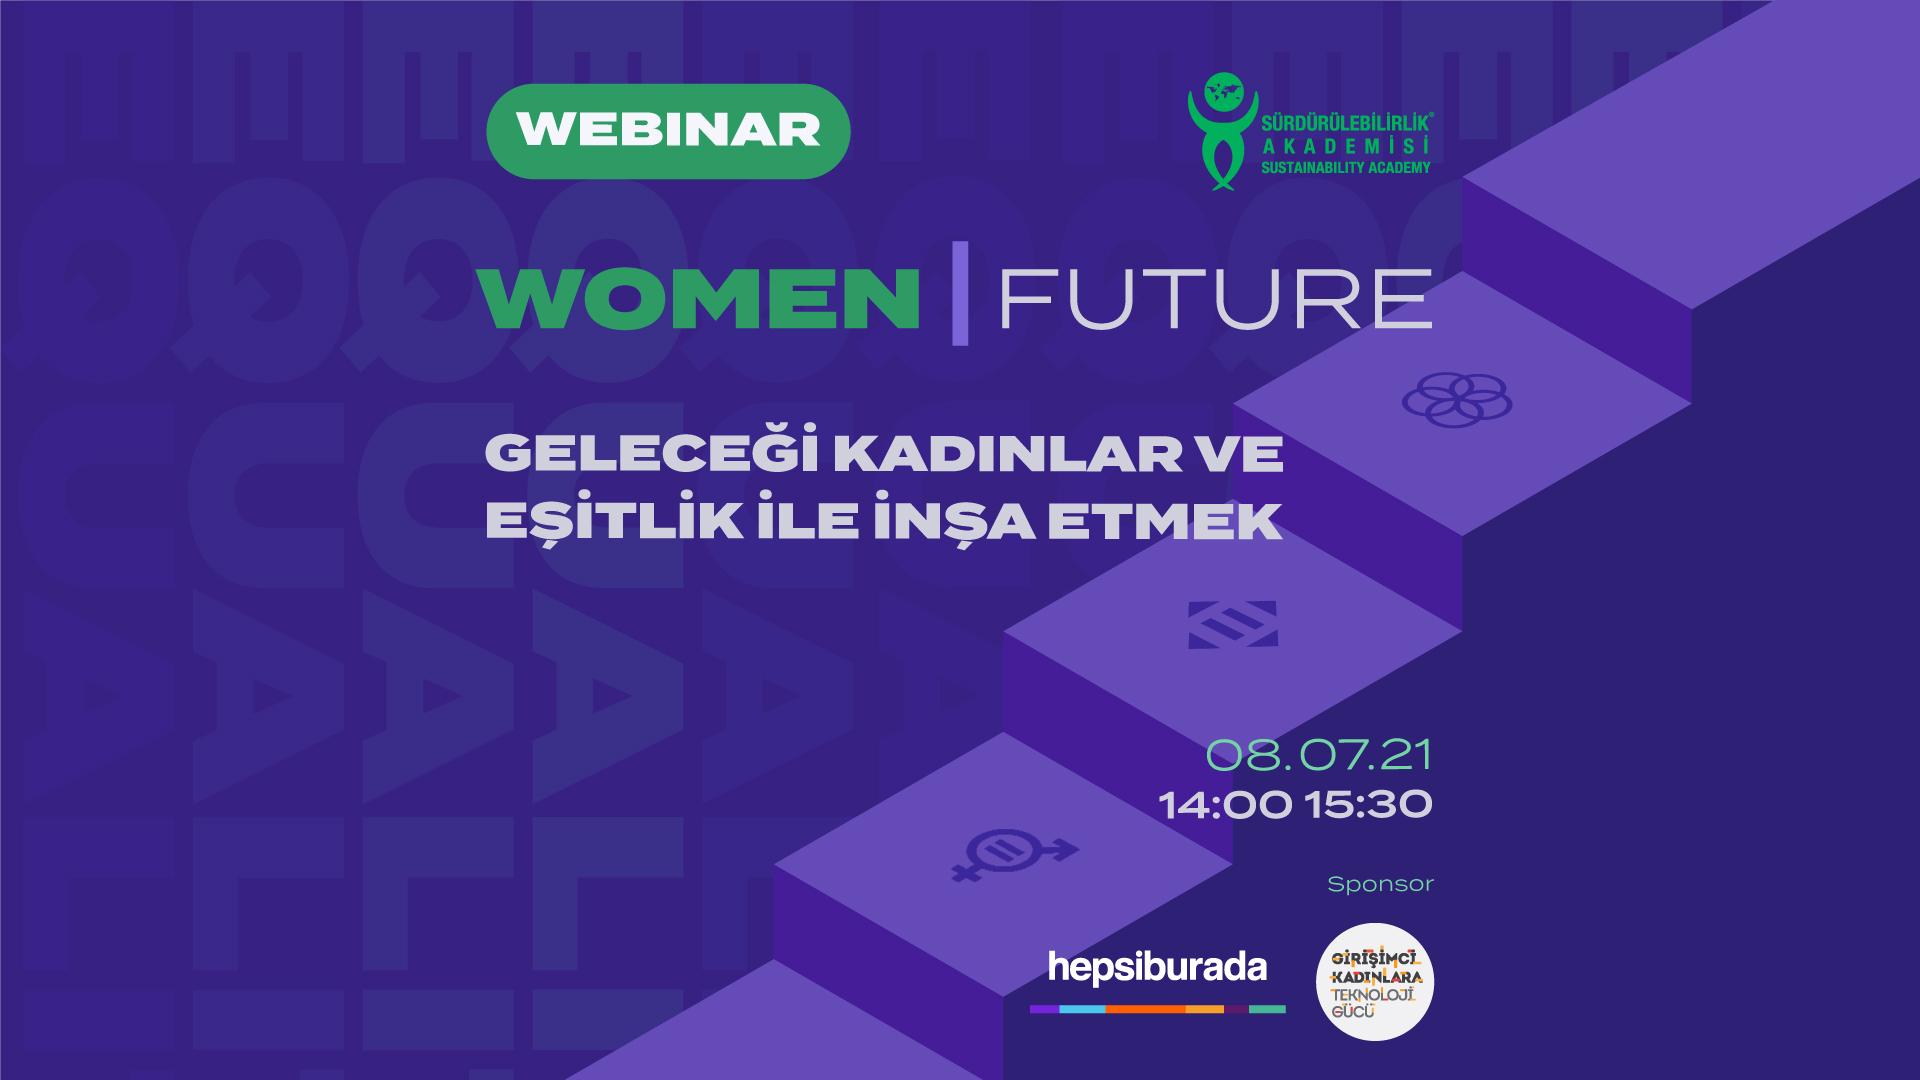 Women | Future: Teknoloji ve Dijital Dönüşümde Kadınının Güçlendirilmesi